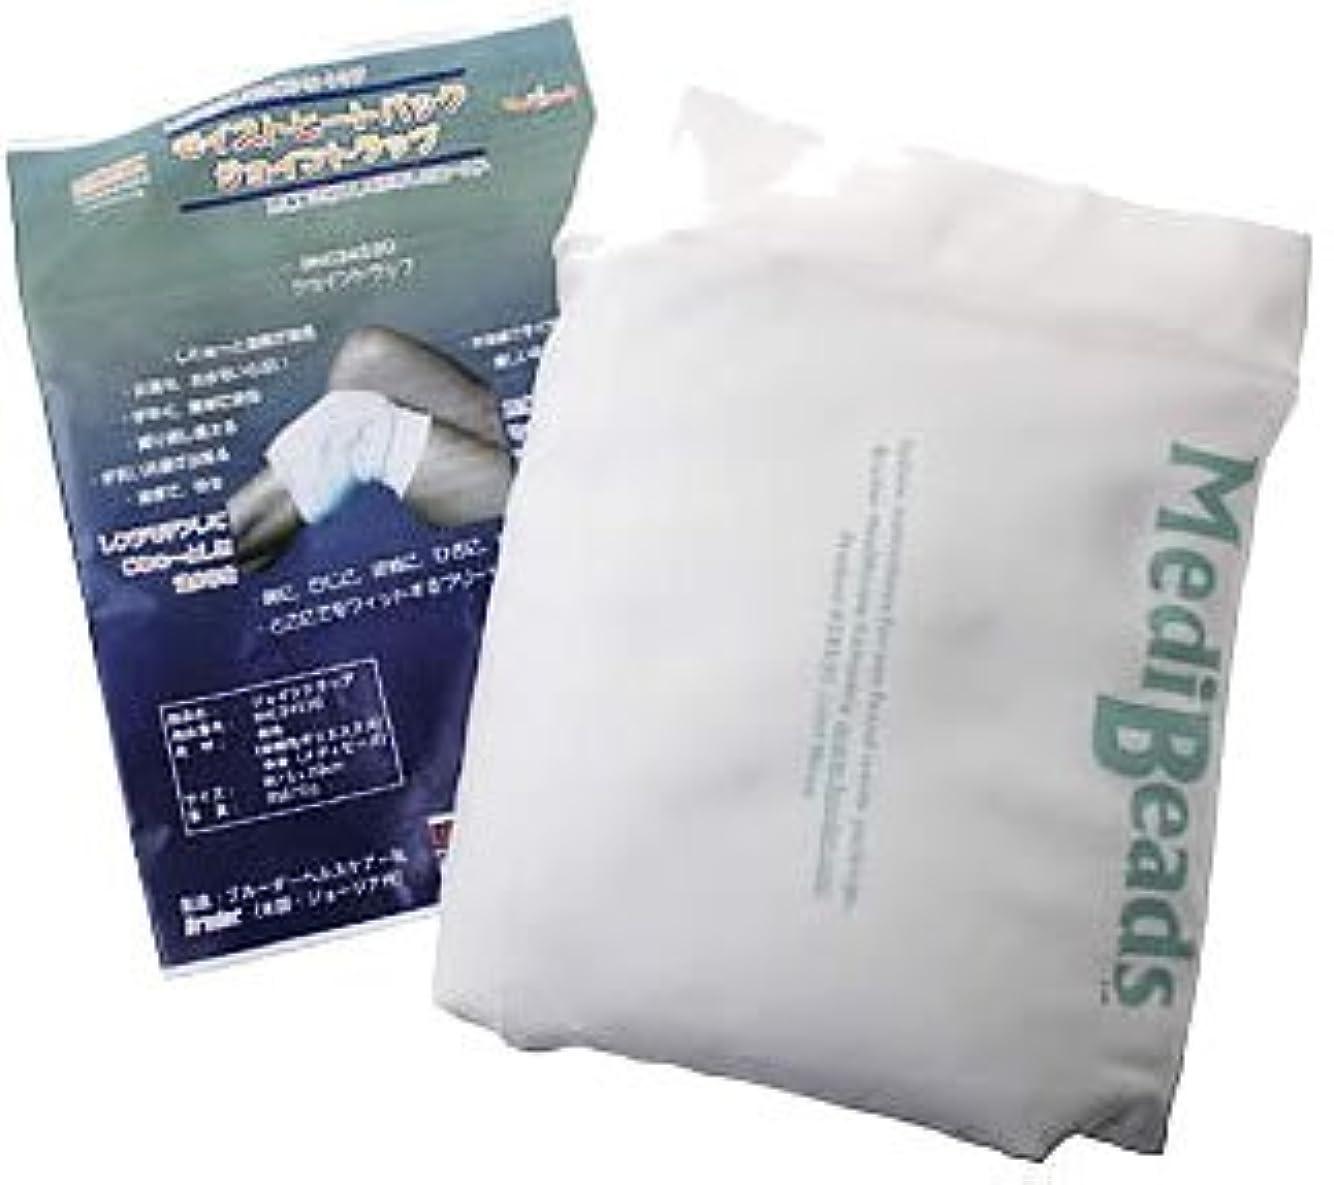 もろい抑制する消化【一般医療機器】アコードインターナショナル (BHC34530) モイストヒートパック メディビーズ (ジョイントラップ) 15×20cm 温湿熱パック 温熱療法